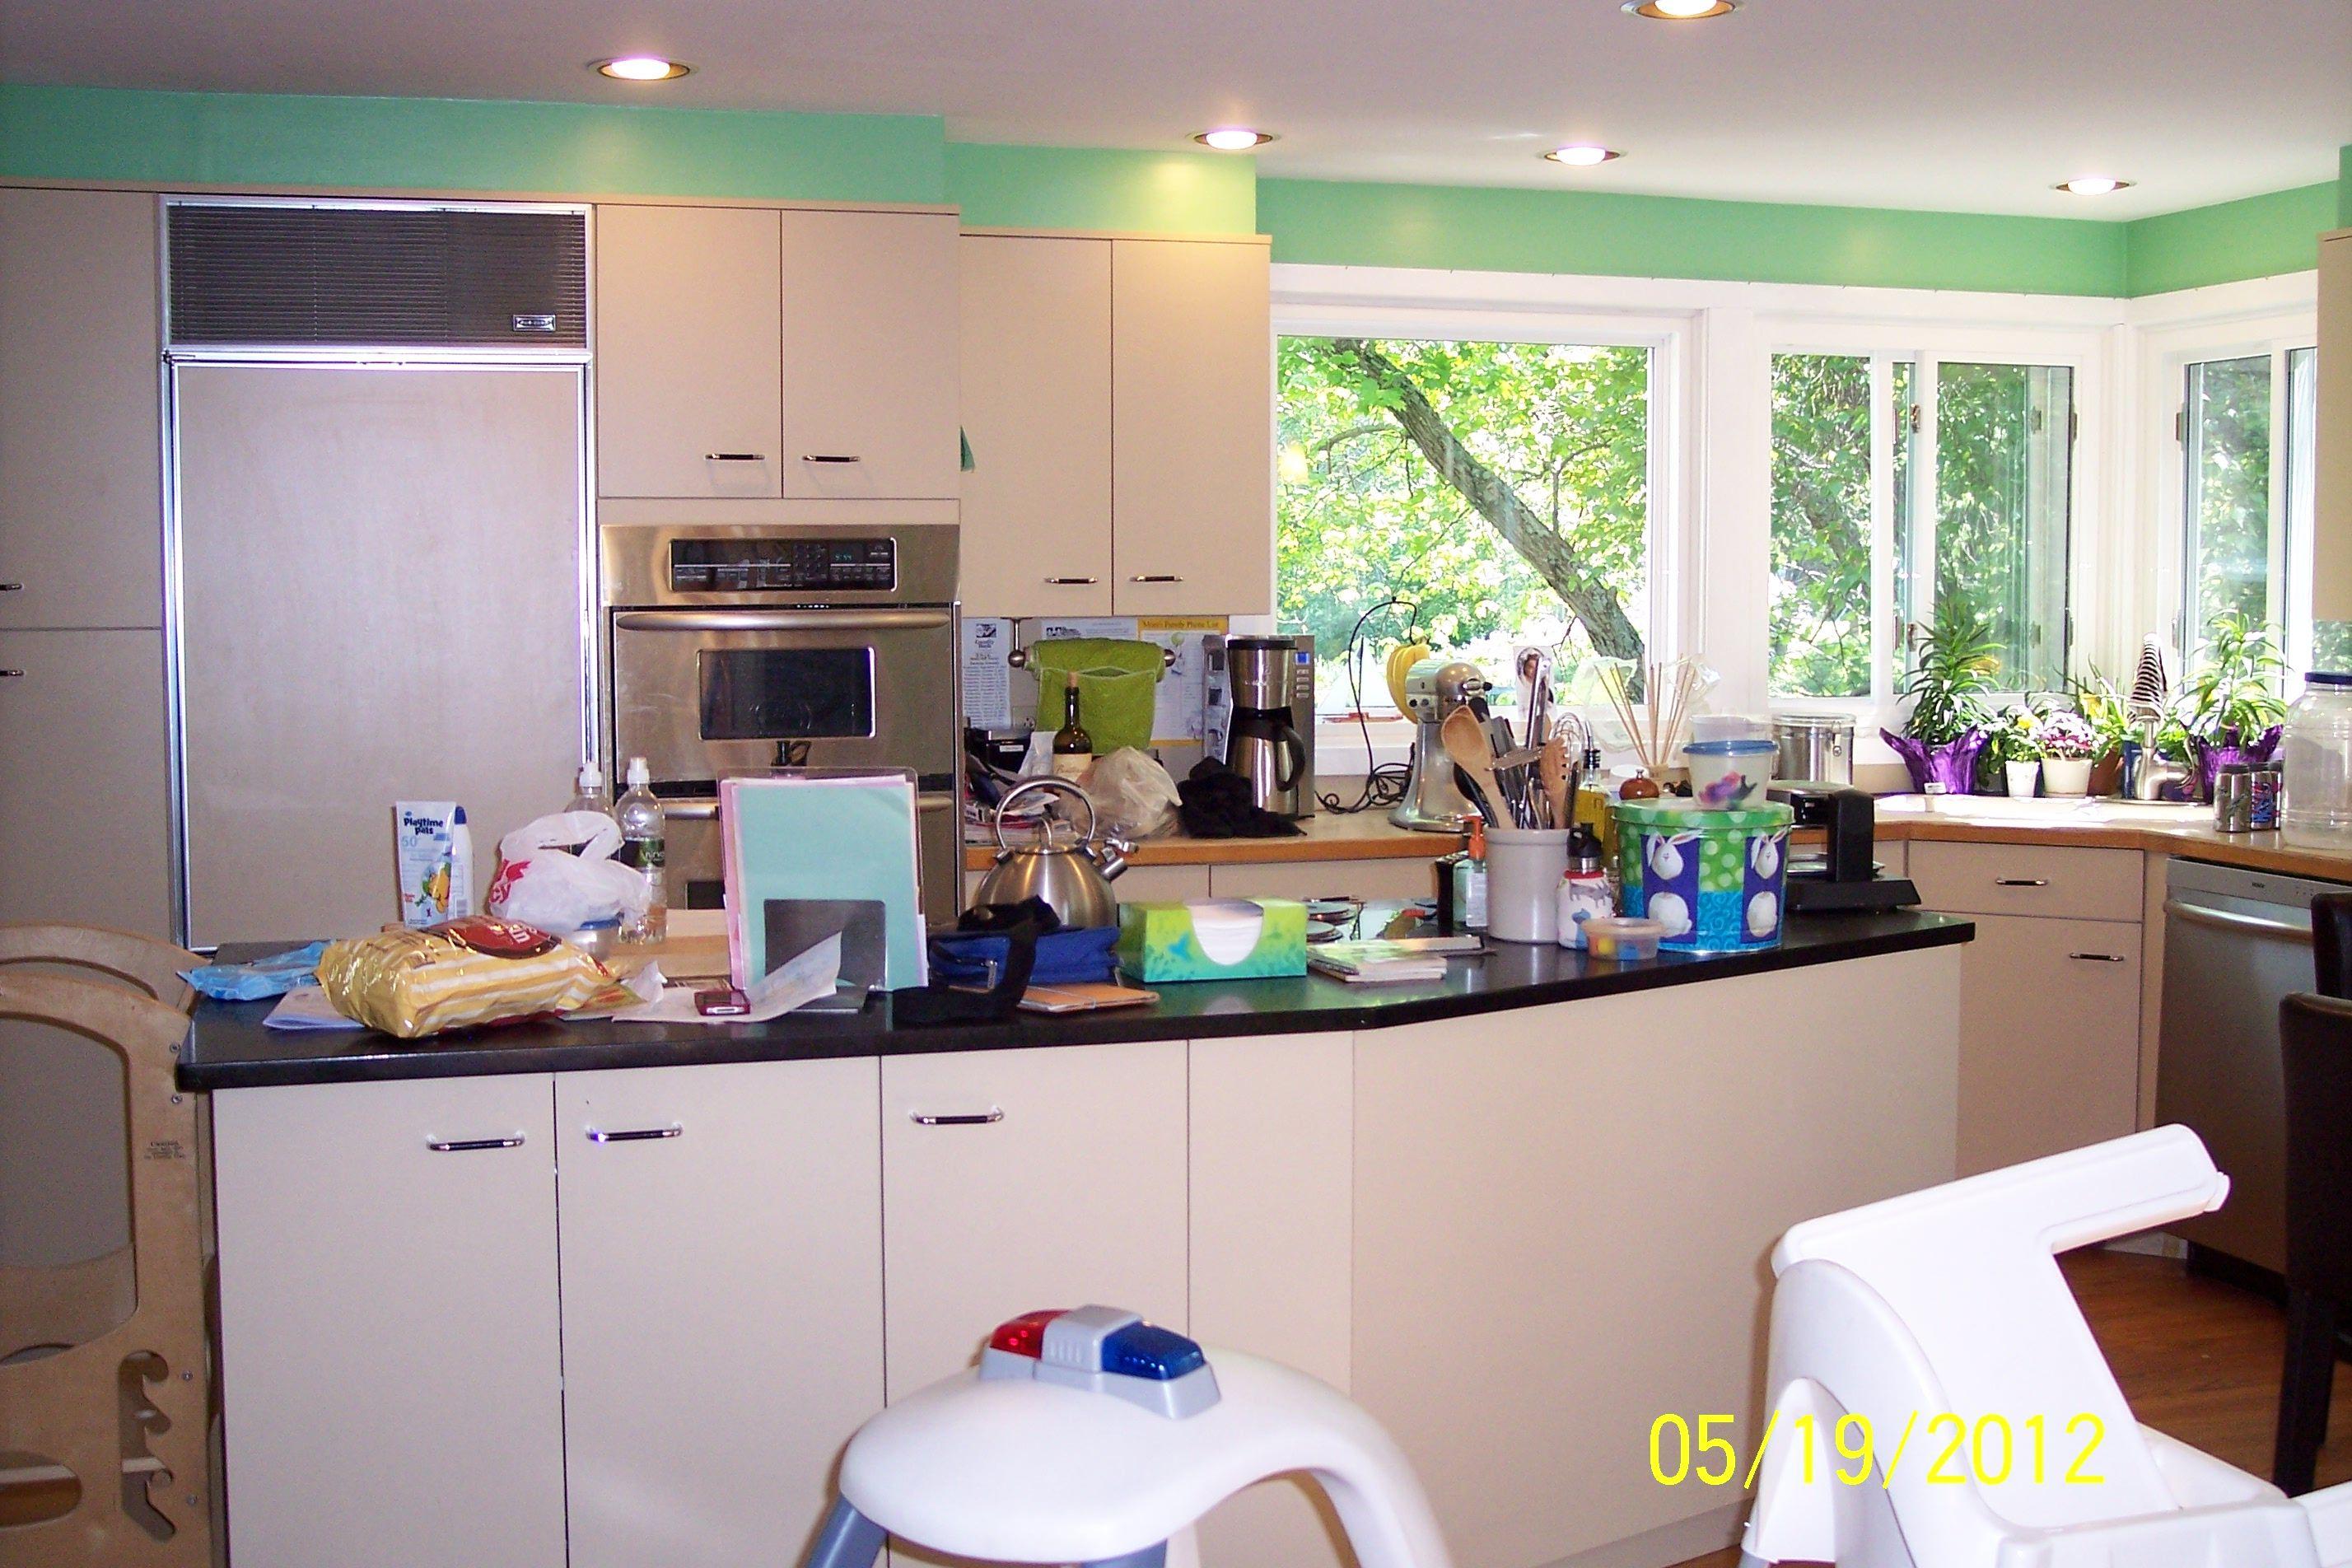 pinterest kitchen remodel ideas appliances stores design house